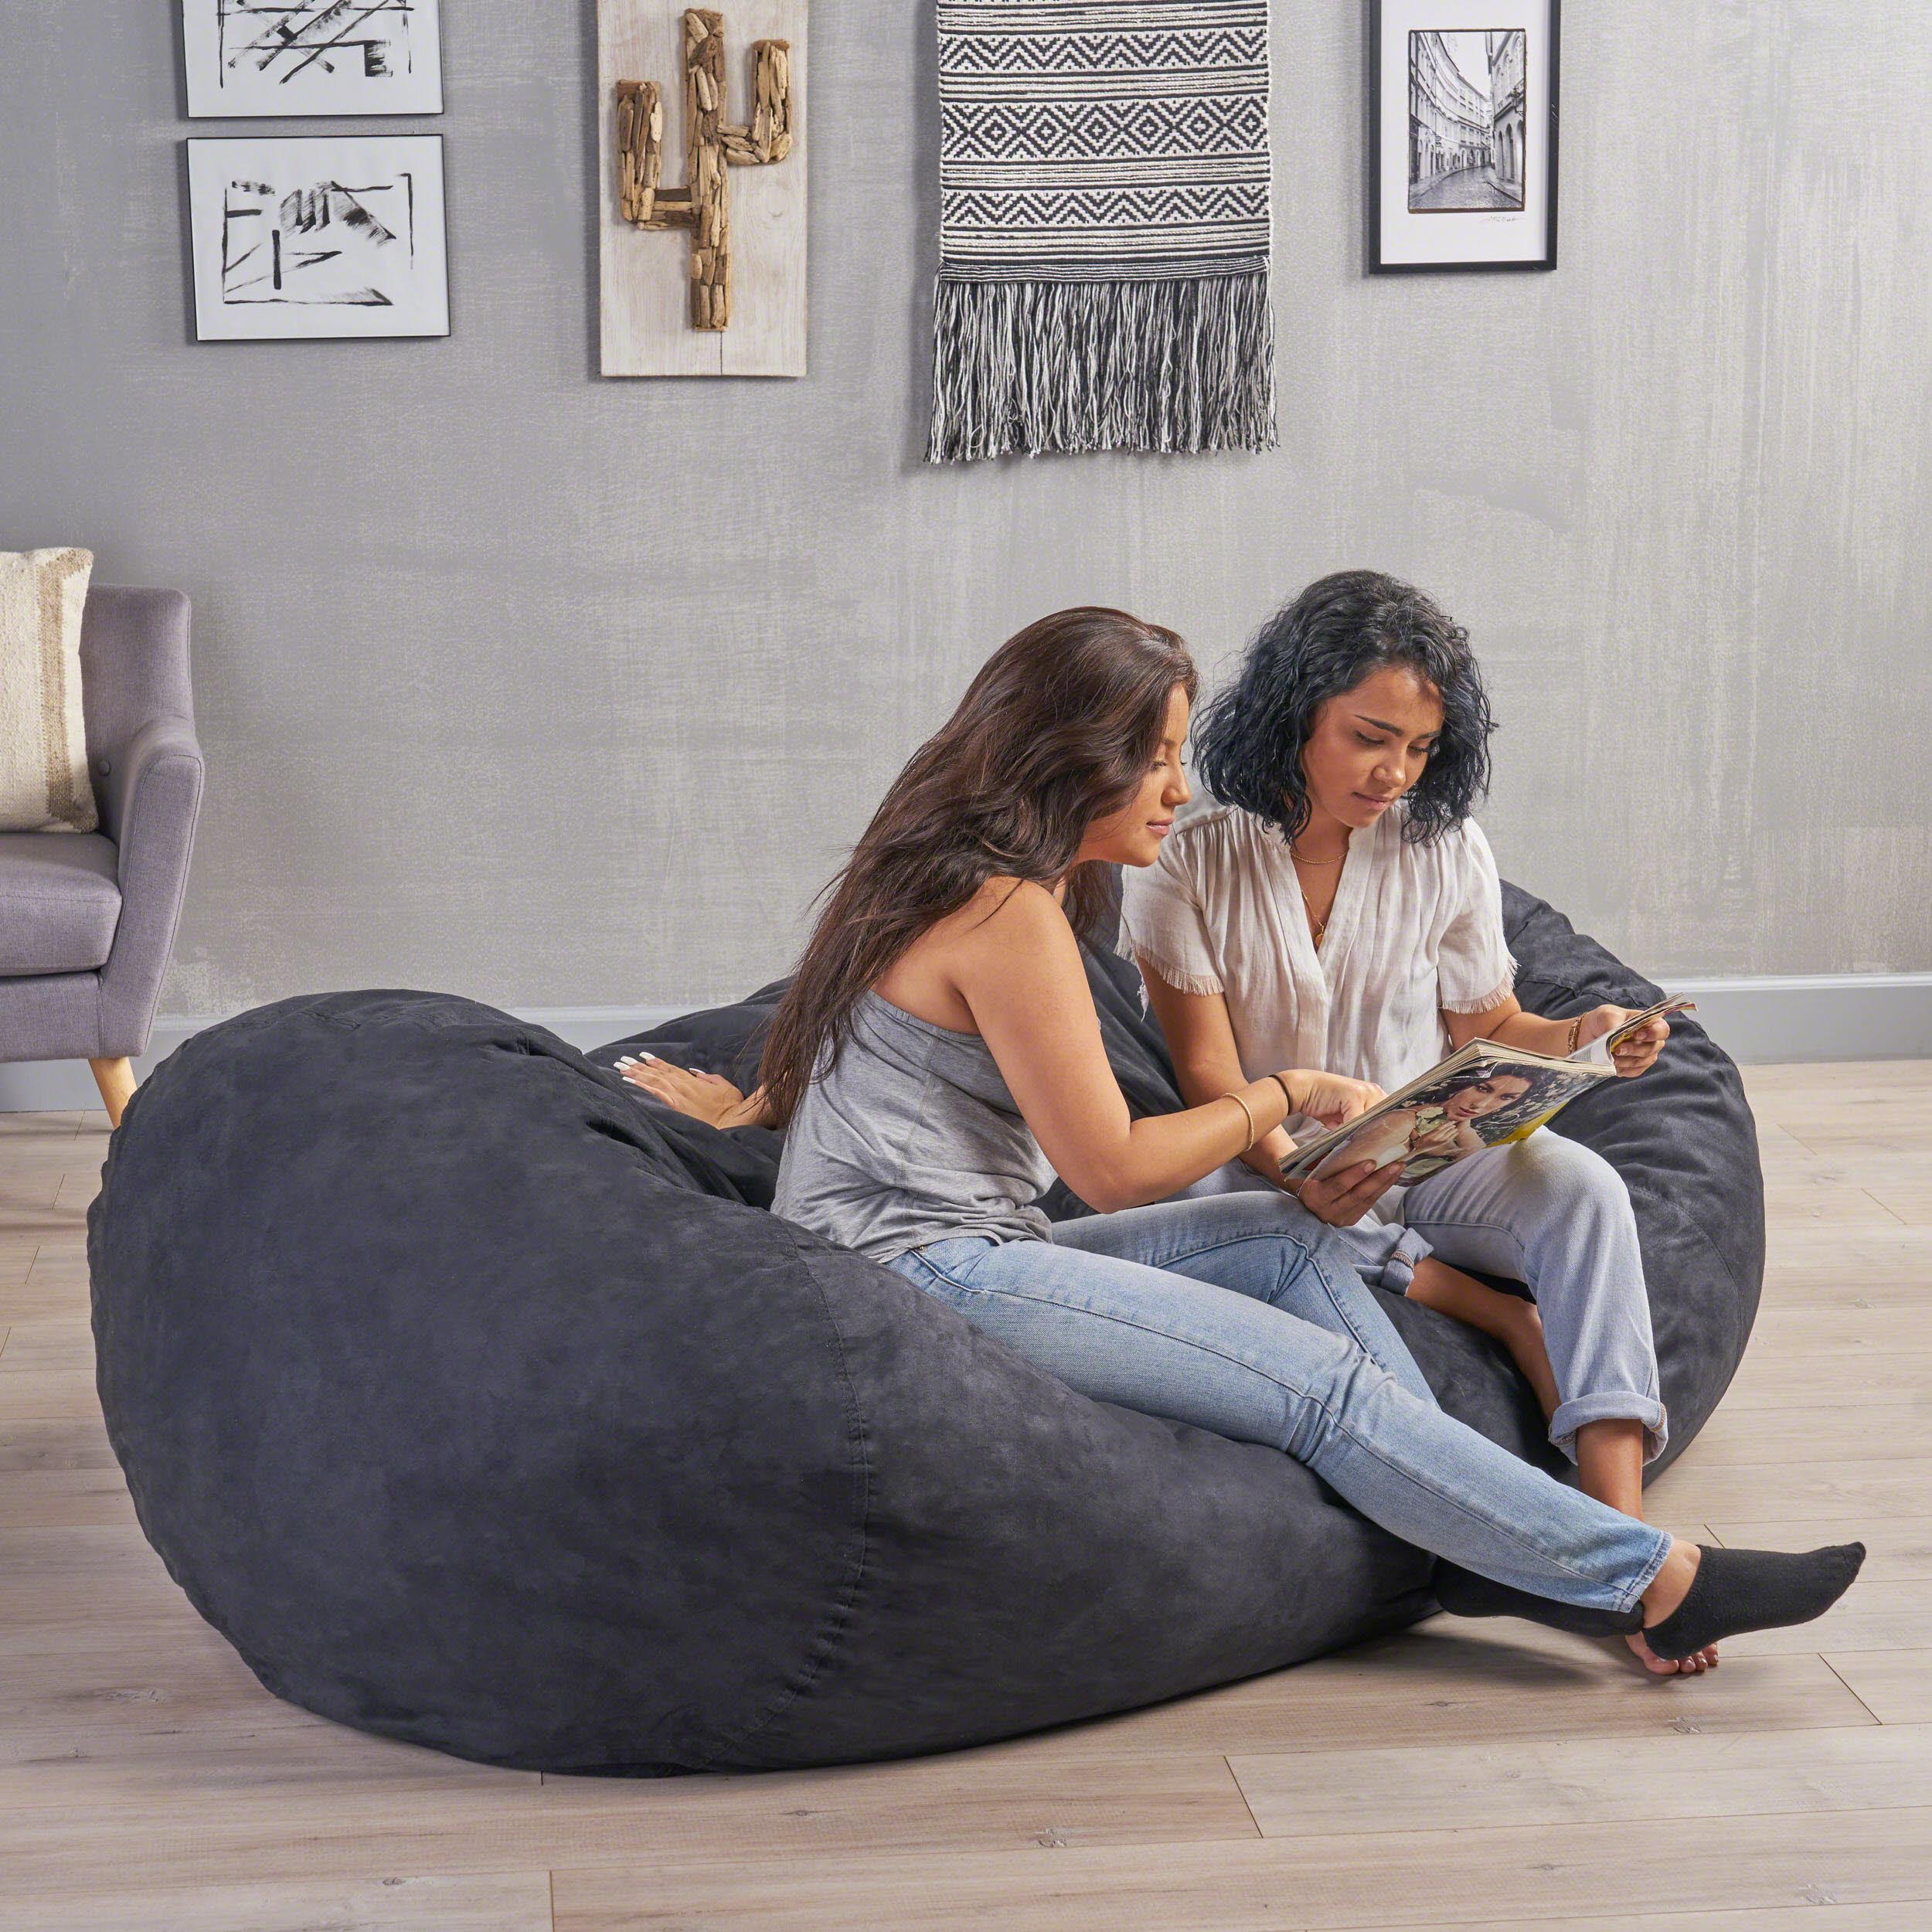 Tremendous Noble House Logan Faux Suede 8 Foot Lounger Bean Bag Multiple Colors Walmart Com Machost Co Dining Chair Design Ideas Machostcouk